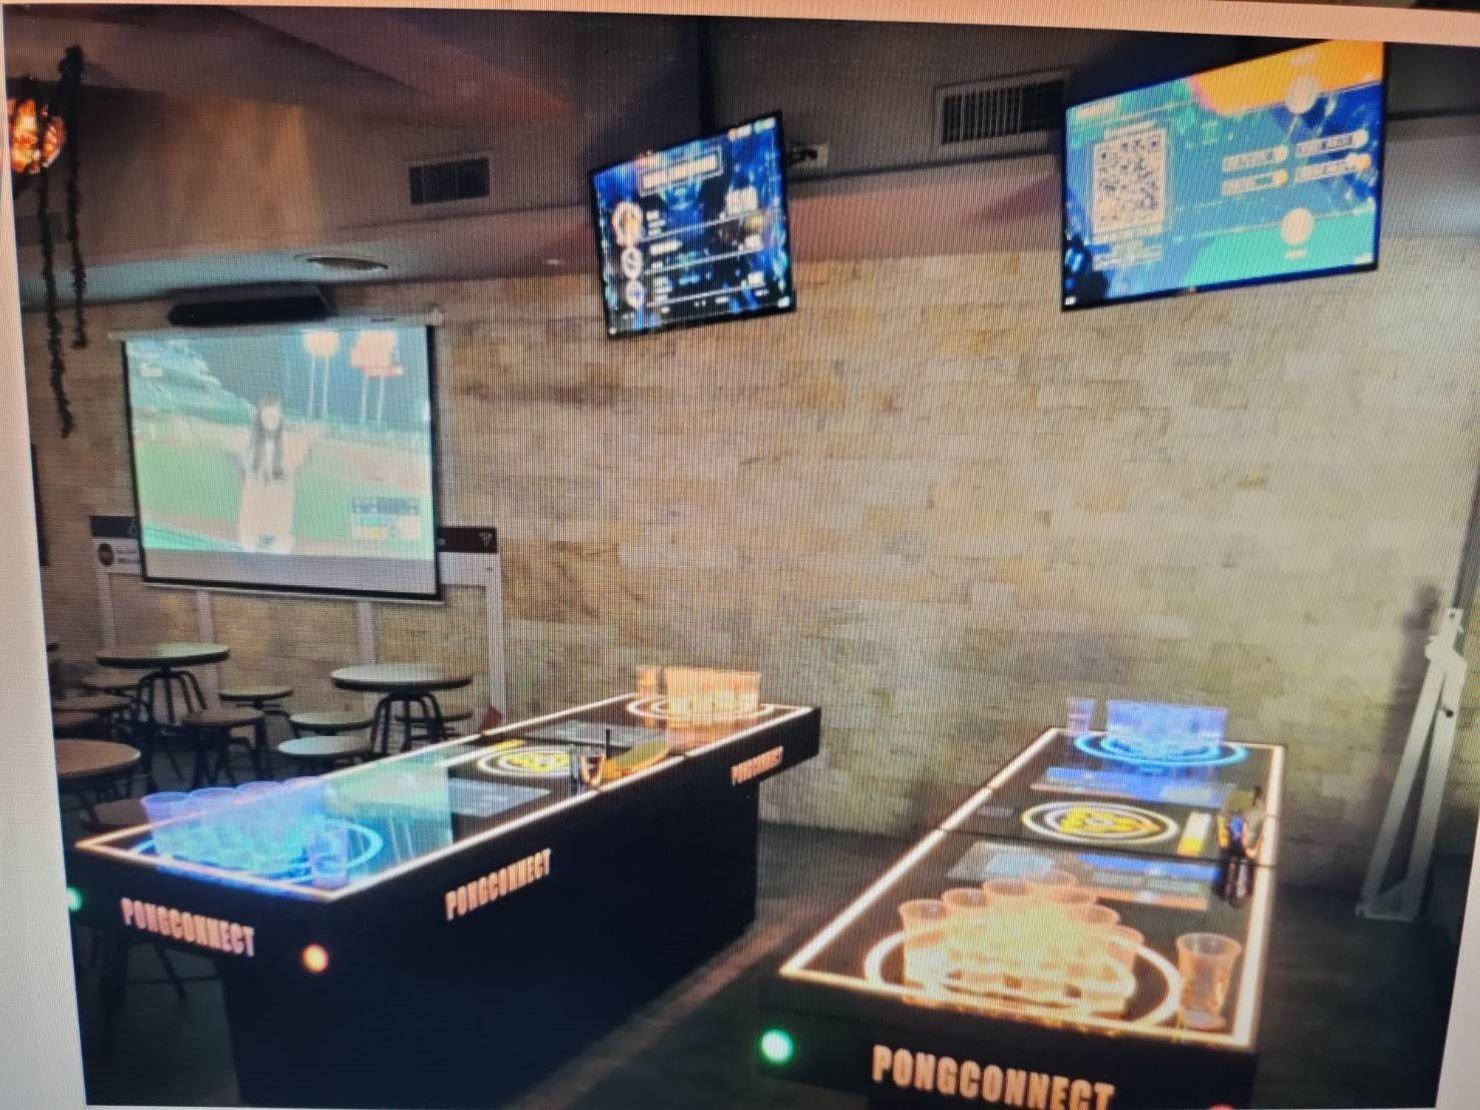 重物搬運推薦【榮福搬家】搬運特殊重物給您最優質、最安全的搬運服務、,搬家服務-專業實在、經驗豐富:Beer Pong 乒乓球酒杯桌PONGConnect